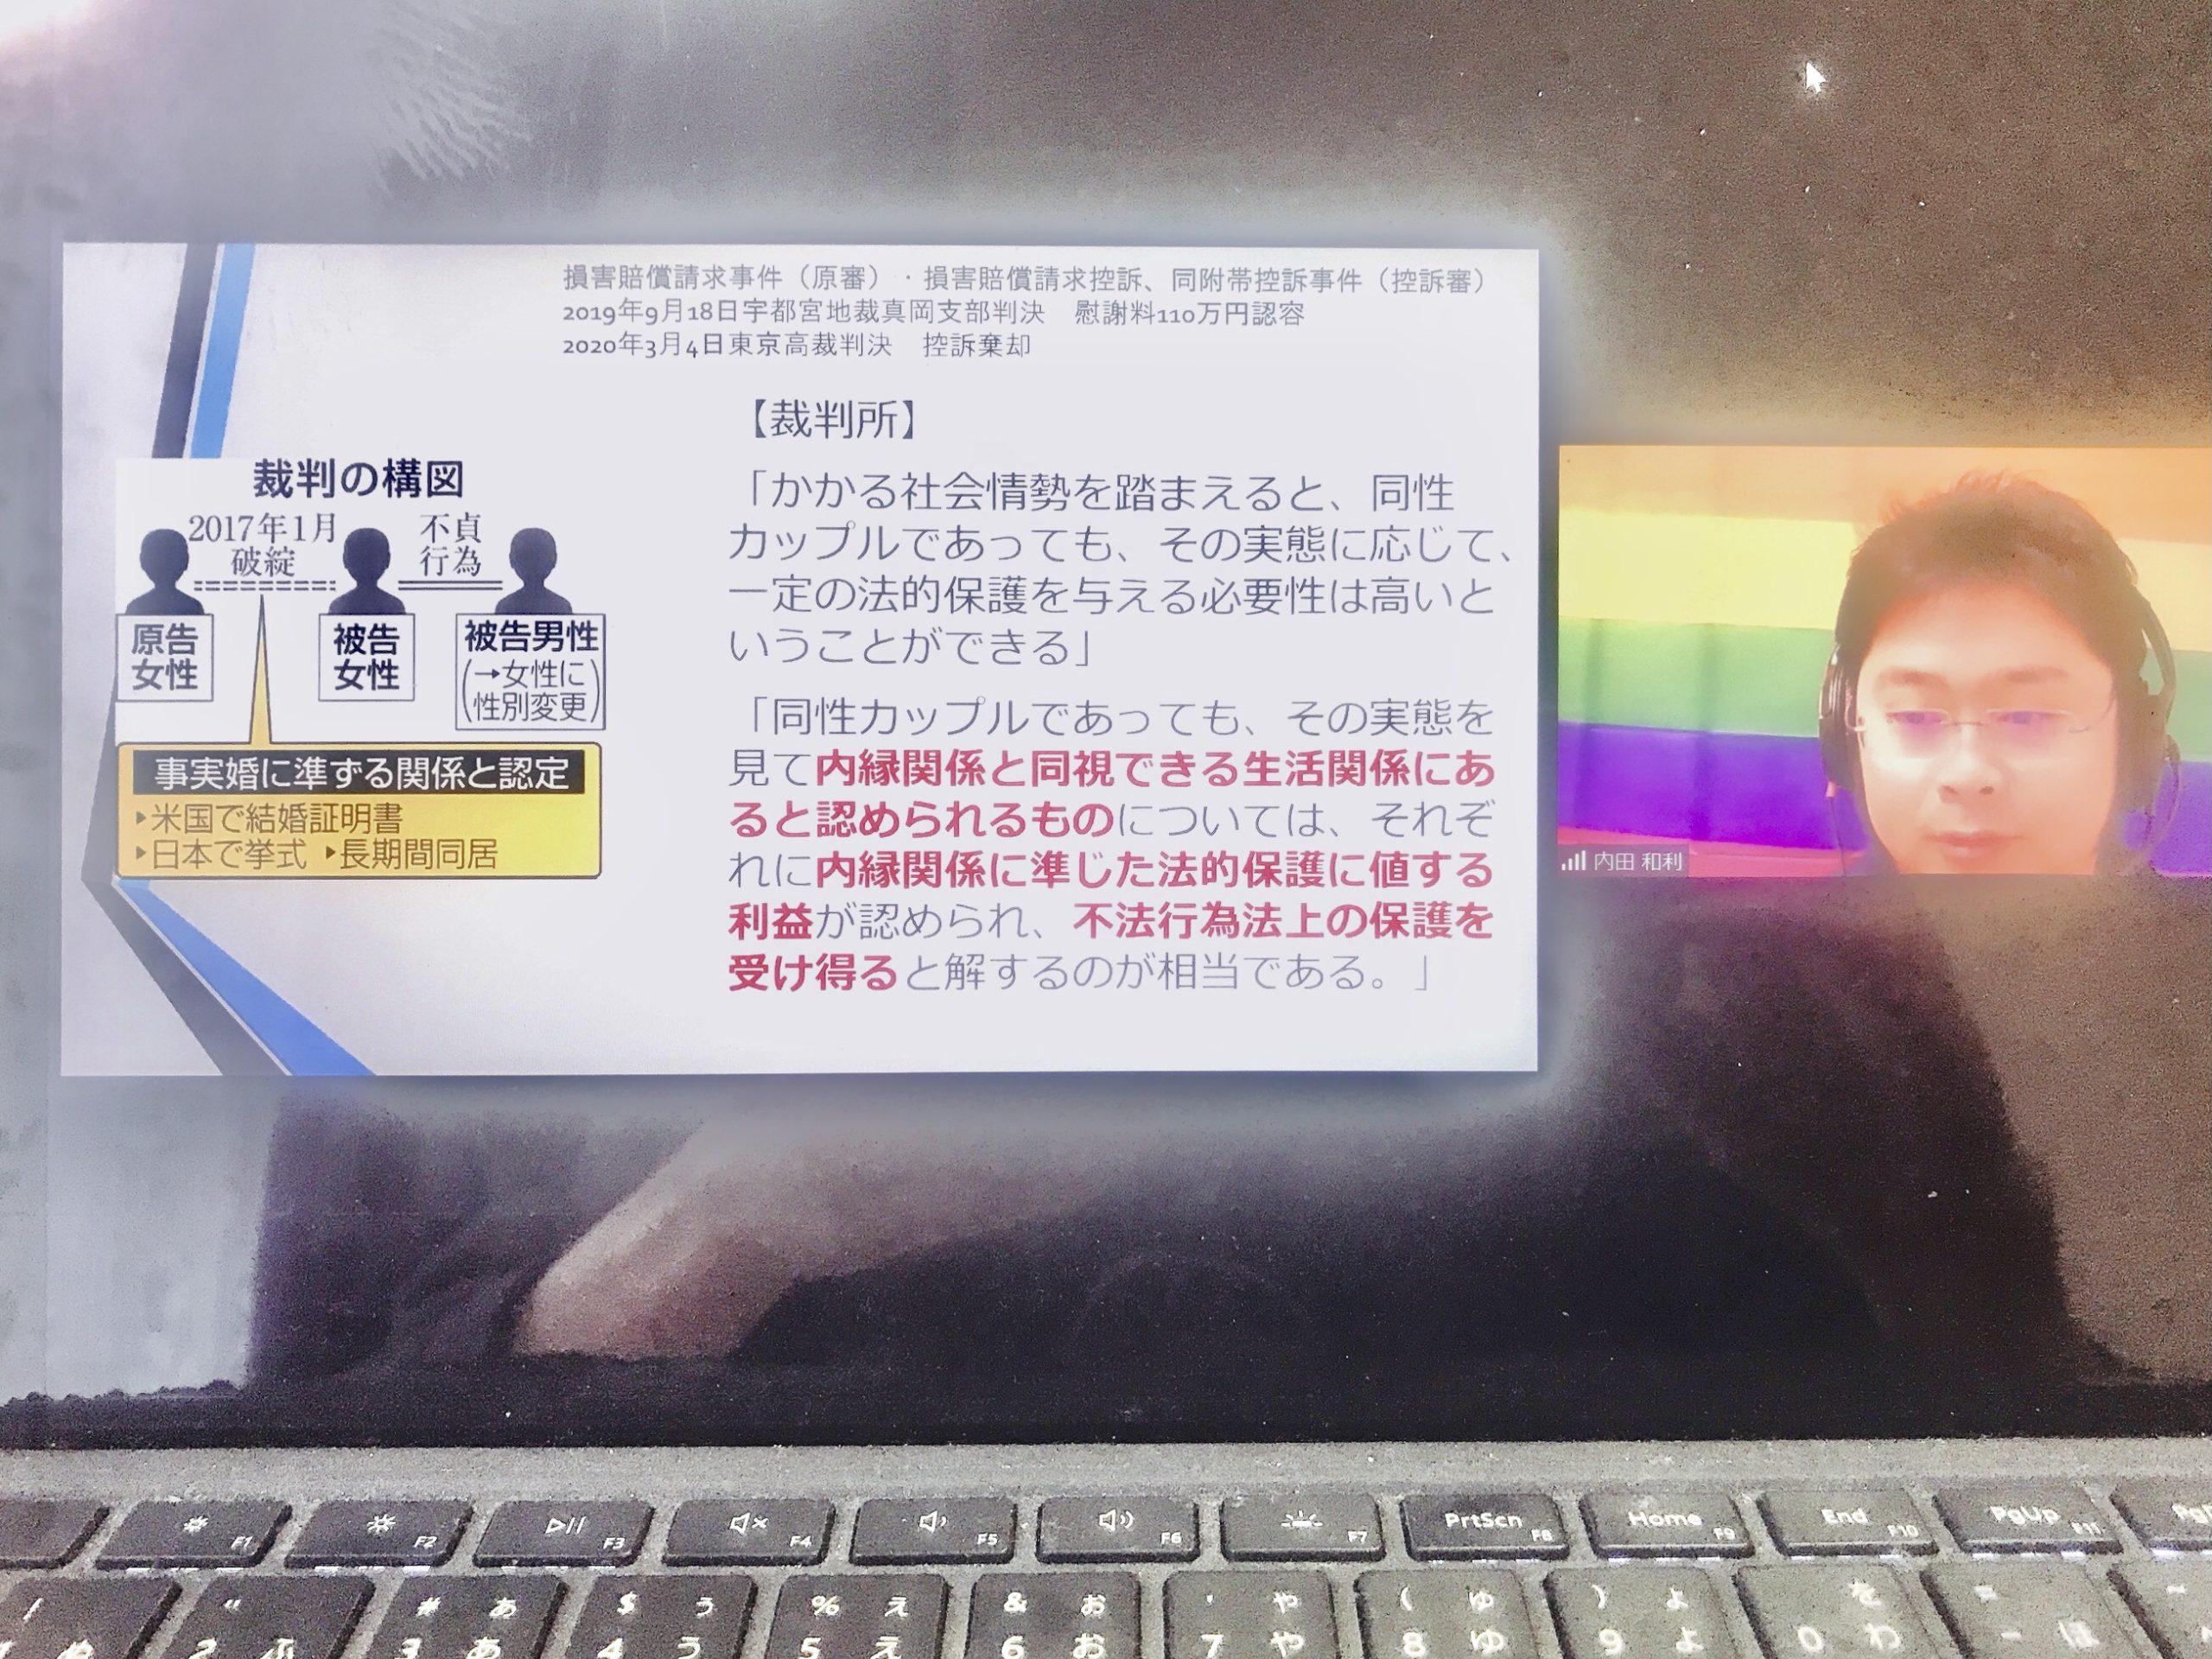 LGBTに関した裁判の判決で2020年を振り返る